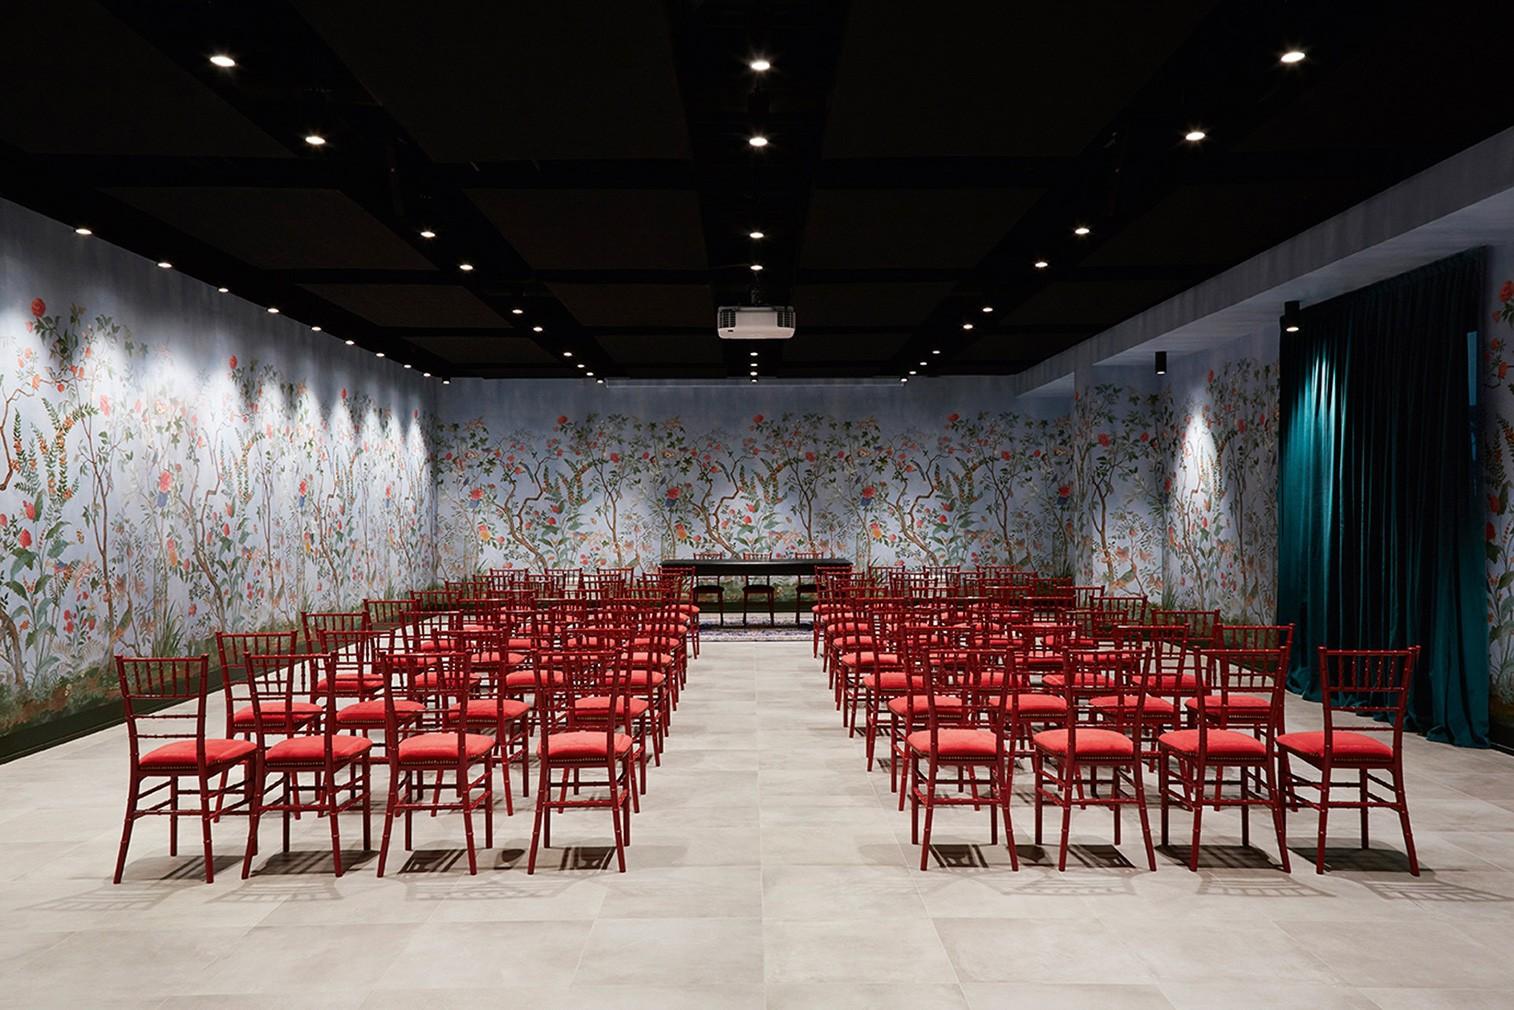 Salão Gucci ArtLab (Foto: Divulgação)